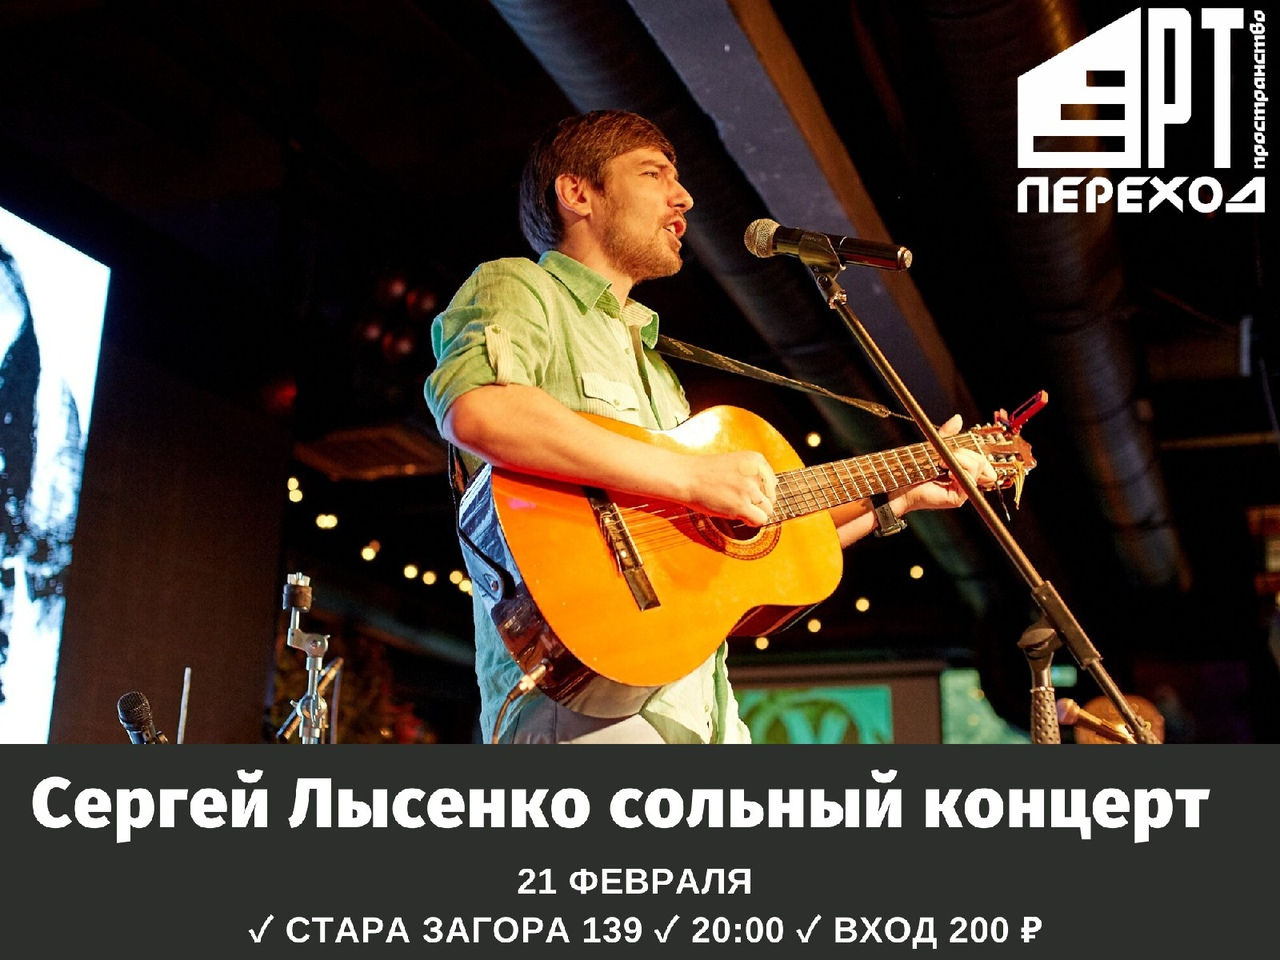 """Афиша Самара Сергей Лысенко в """"Переходе"""" - 21.02.20"""